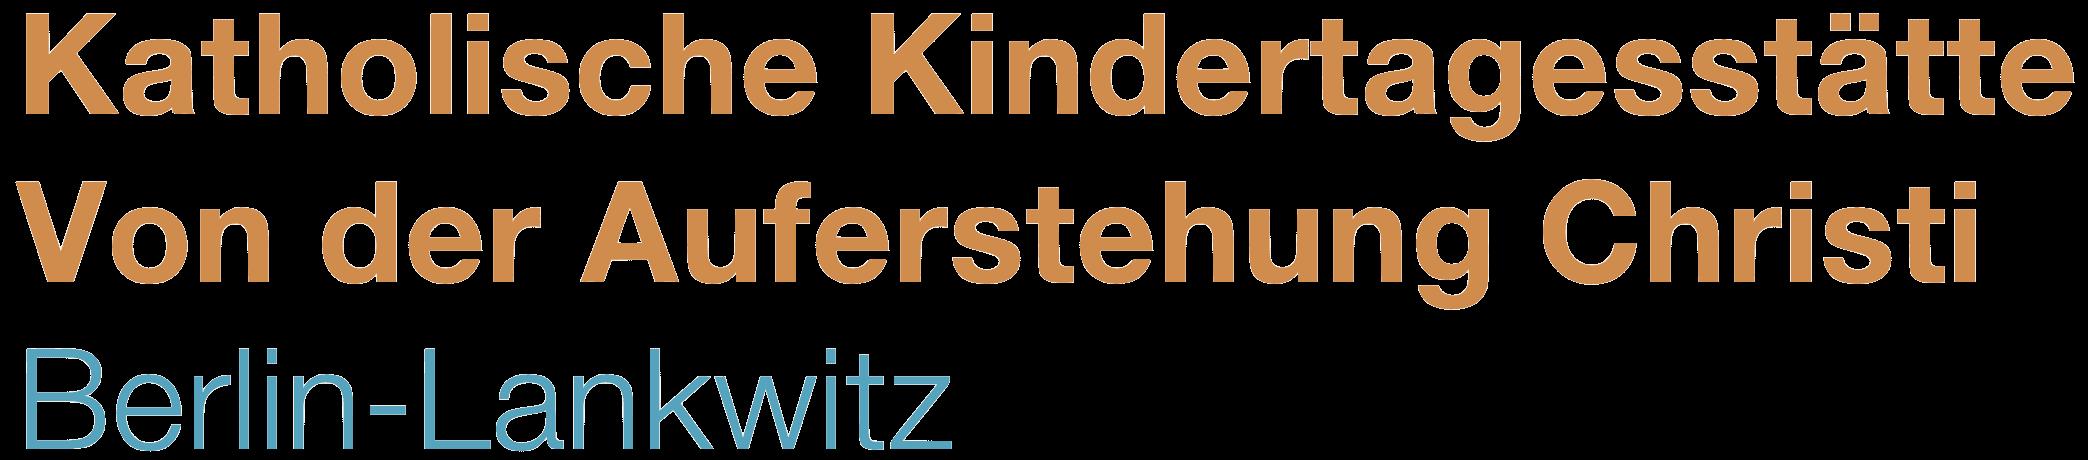 Logo for Kita von d. Auferstehung Christi